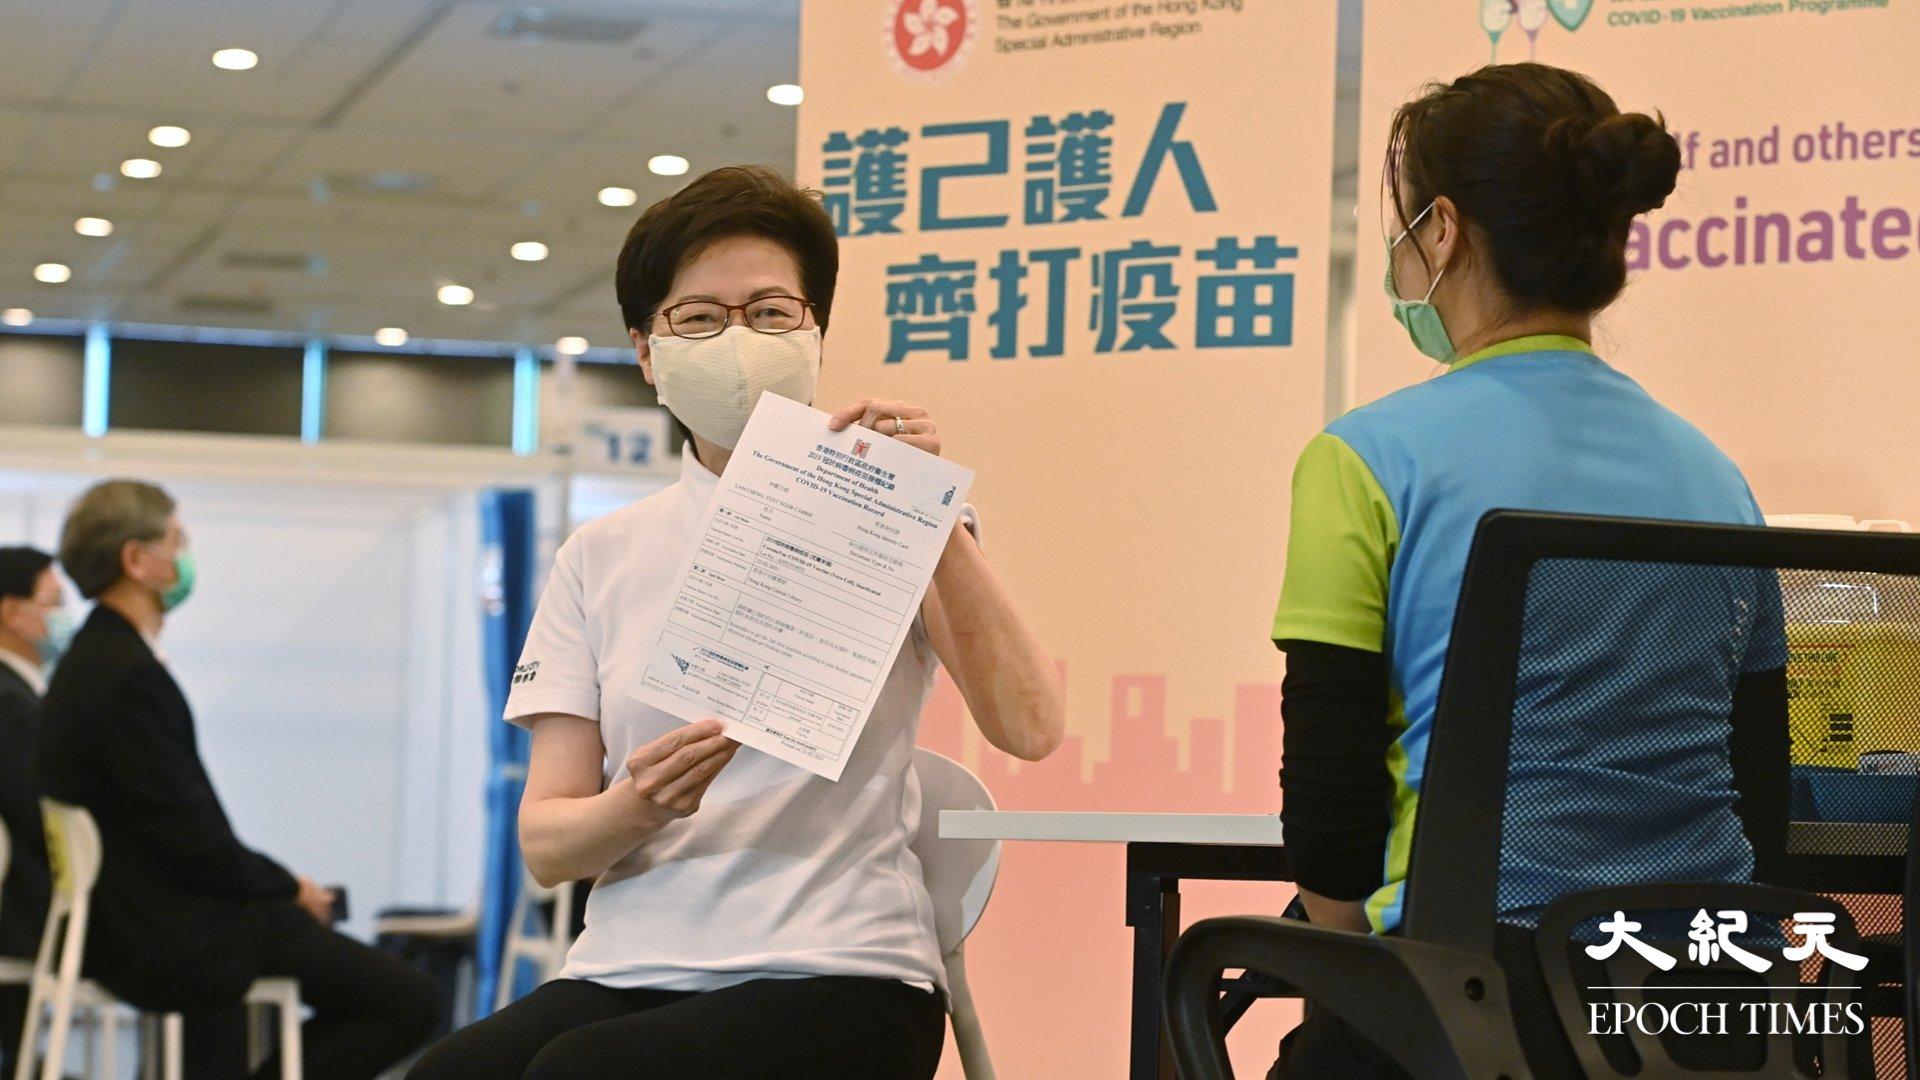 林鄭月娥22日下午在中央圖書館展覽館接種科興(中共肺炎)疫苗。(宋碧龍/大紀元)